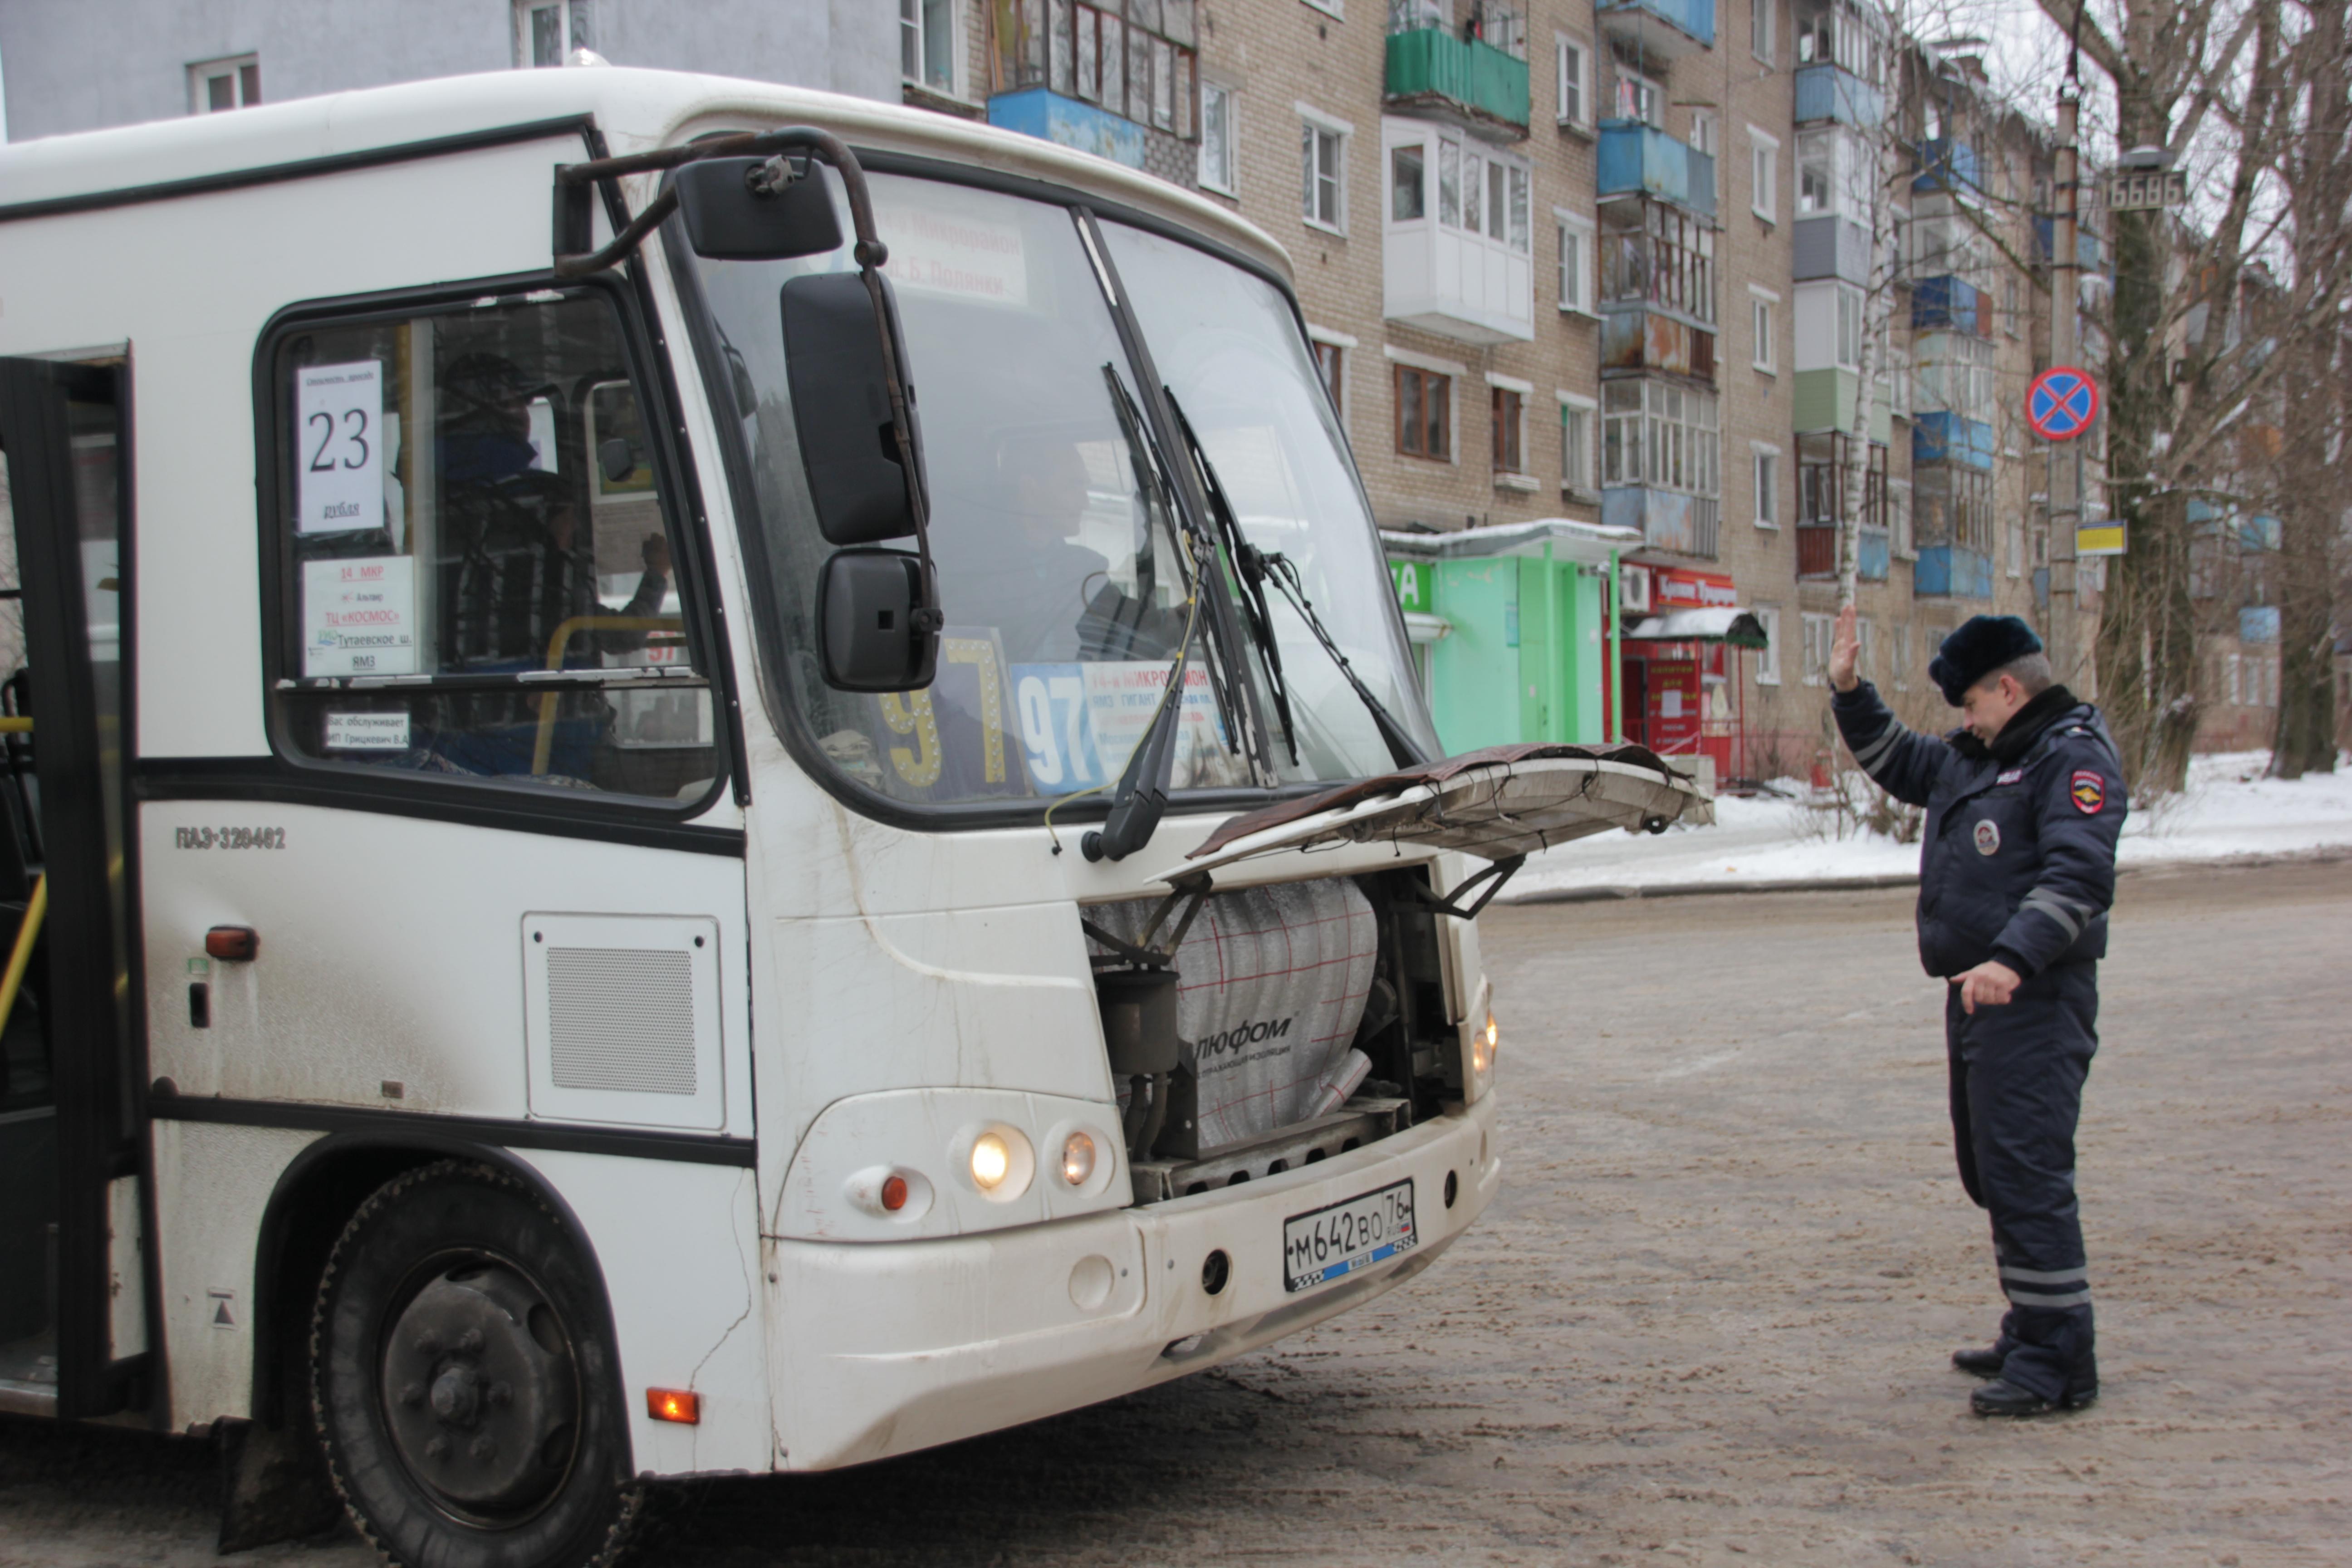 Стало известно, когда окончательно в Ярославле заменят маршрутки